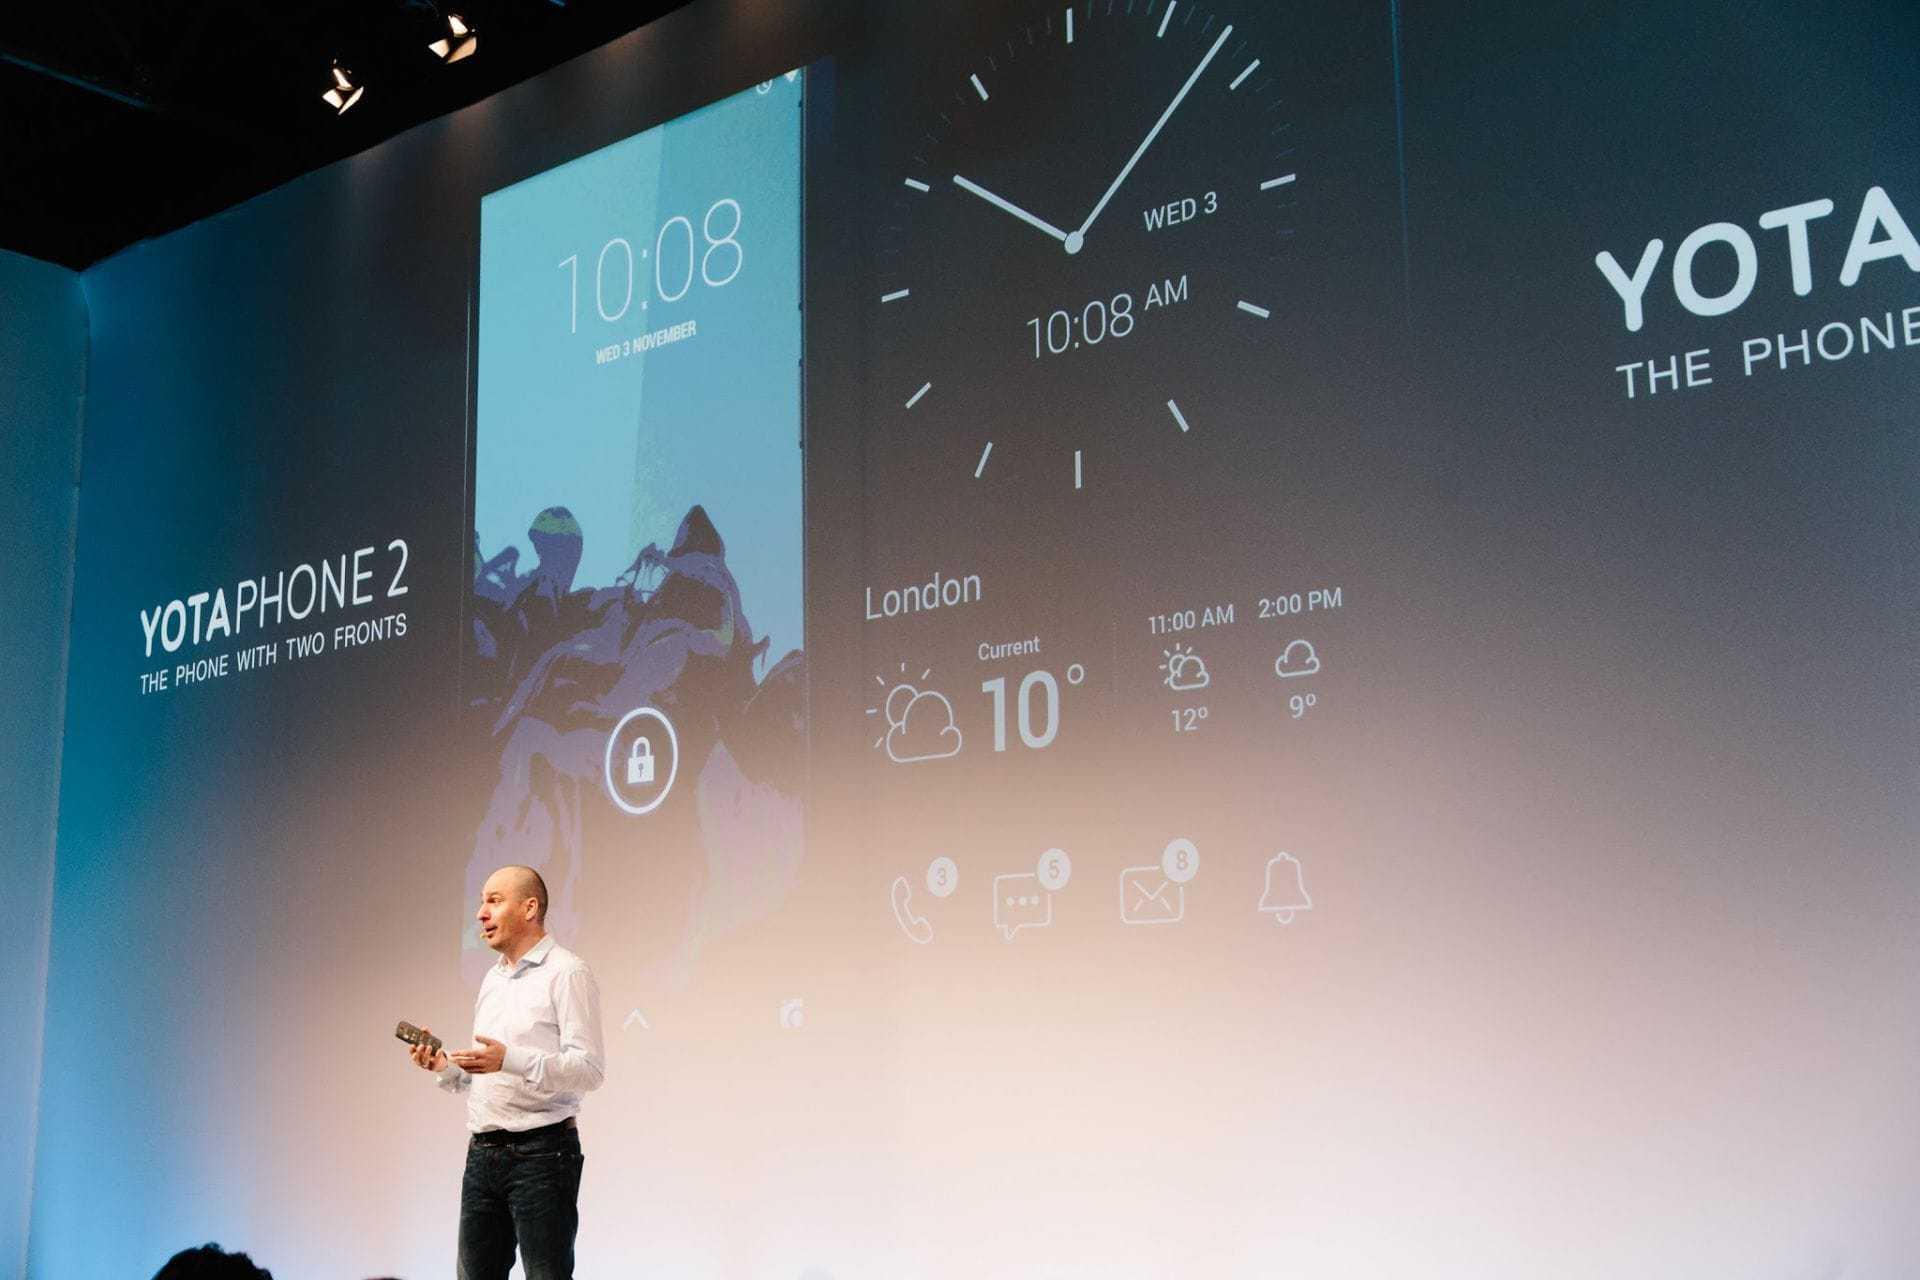 Многие помнят эффектный дебют компании Yota Devices на рынке смартфонов На всякий случай напомним что компания представила вниманию пользователей мощный телефон с